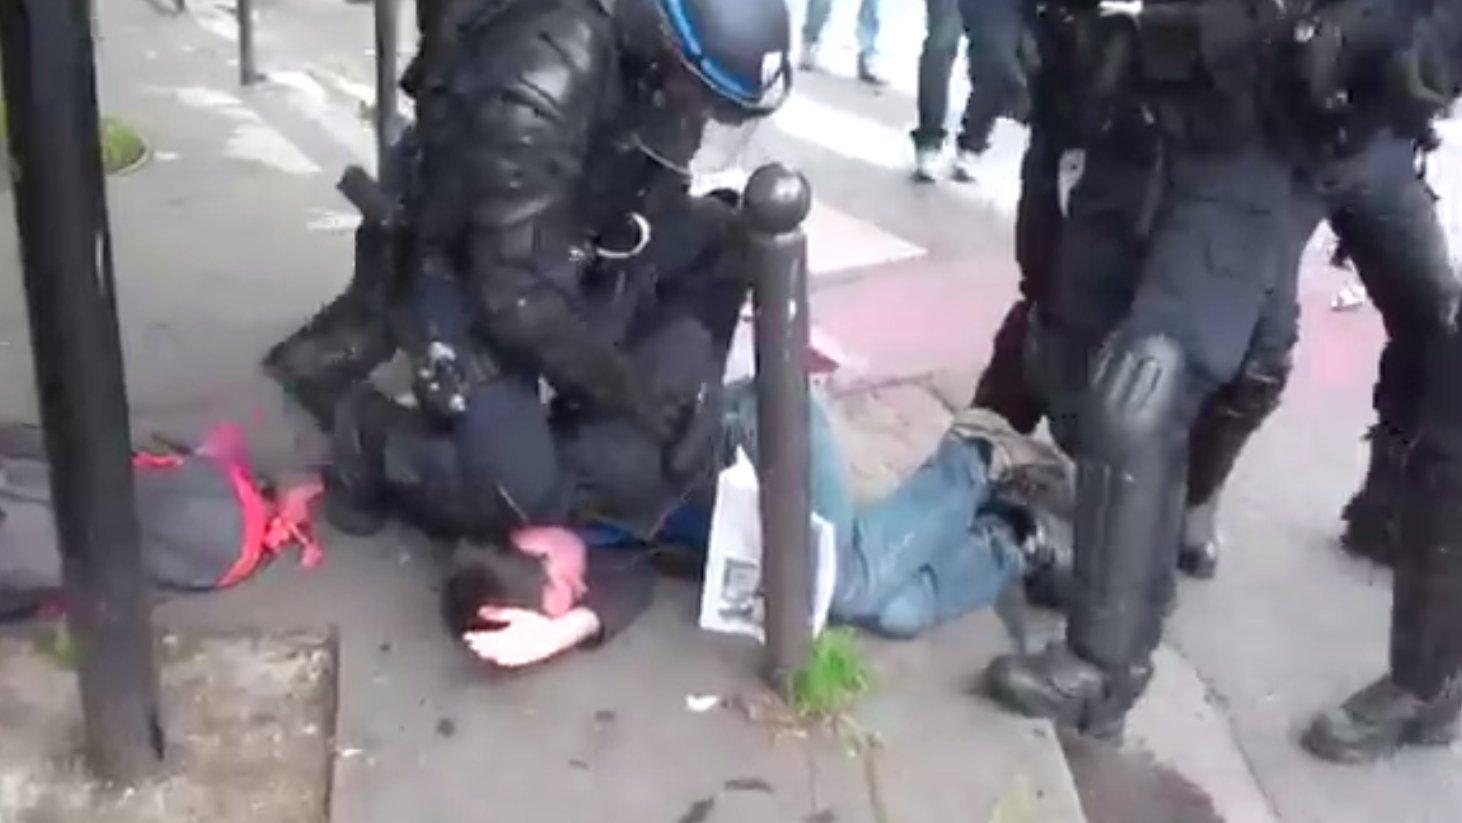 VIDOETAGEBUCH: Aufstand gegen Hollande - Ausnahmesituation in Frankreich